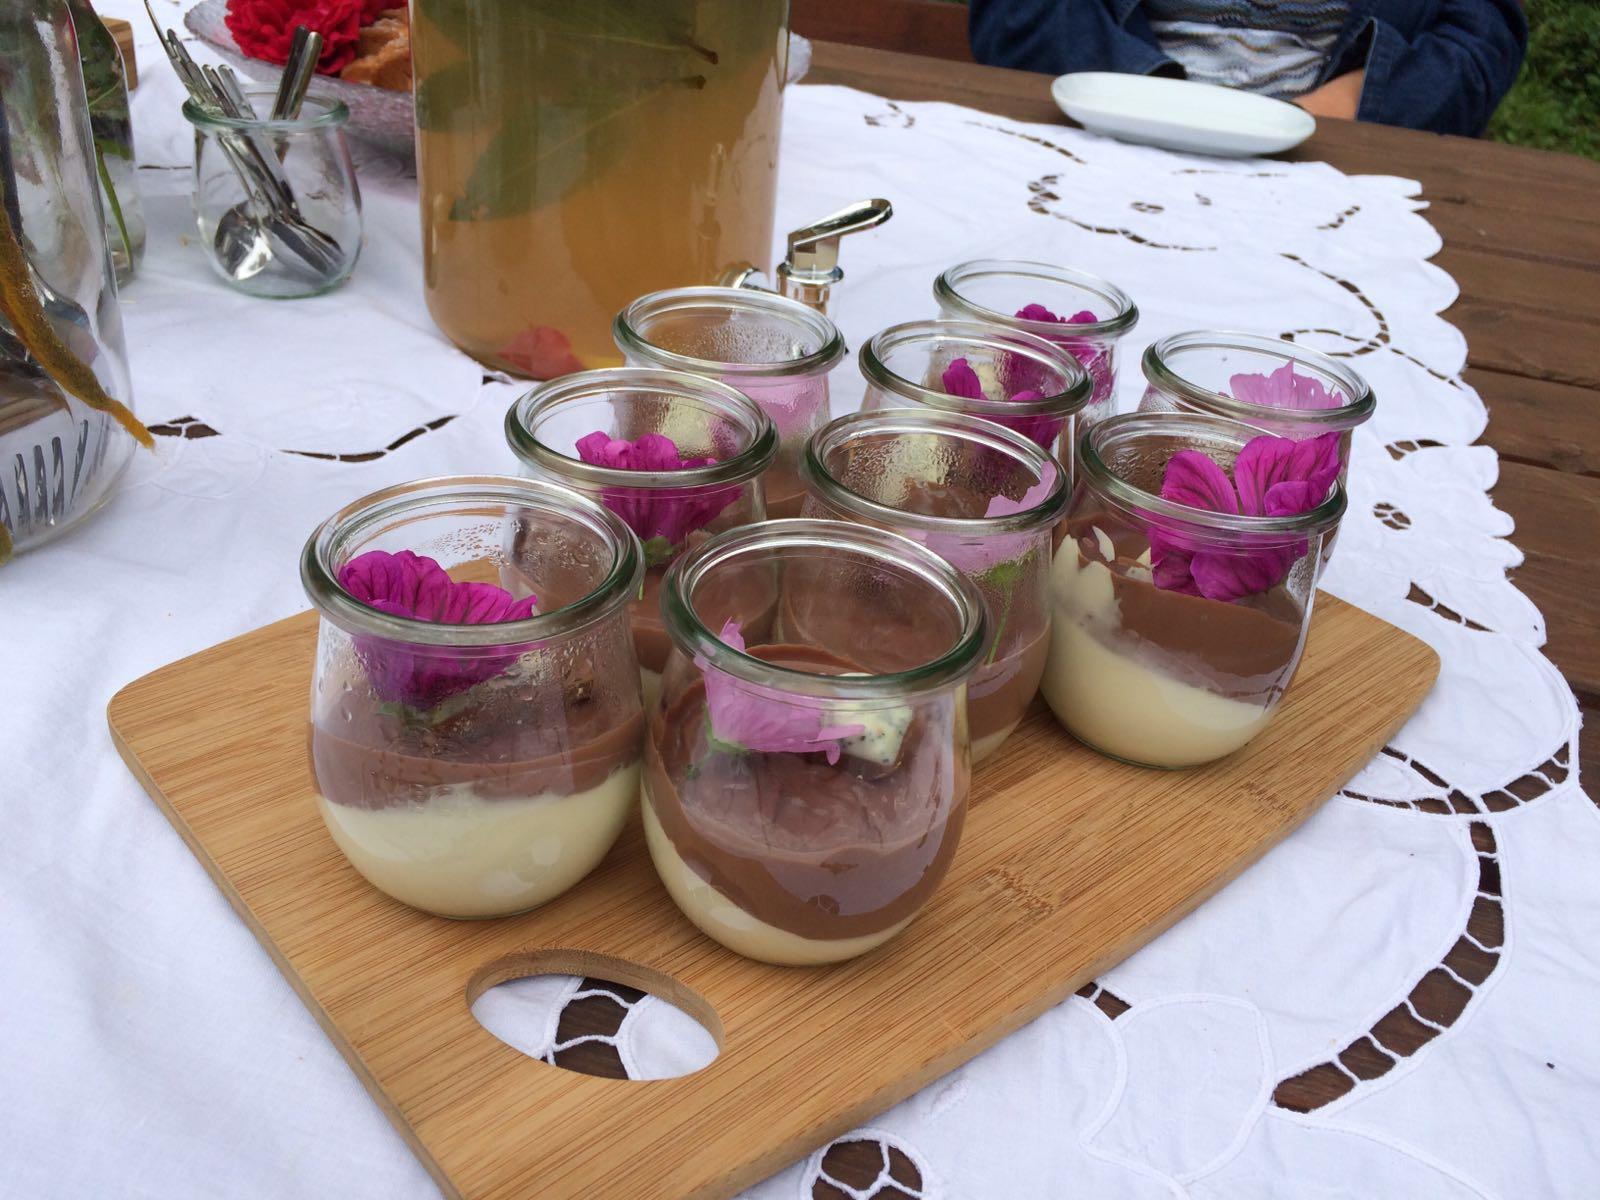 Mädesüßsahnepudding mit Minz-Schoko-Creme